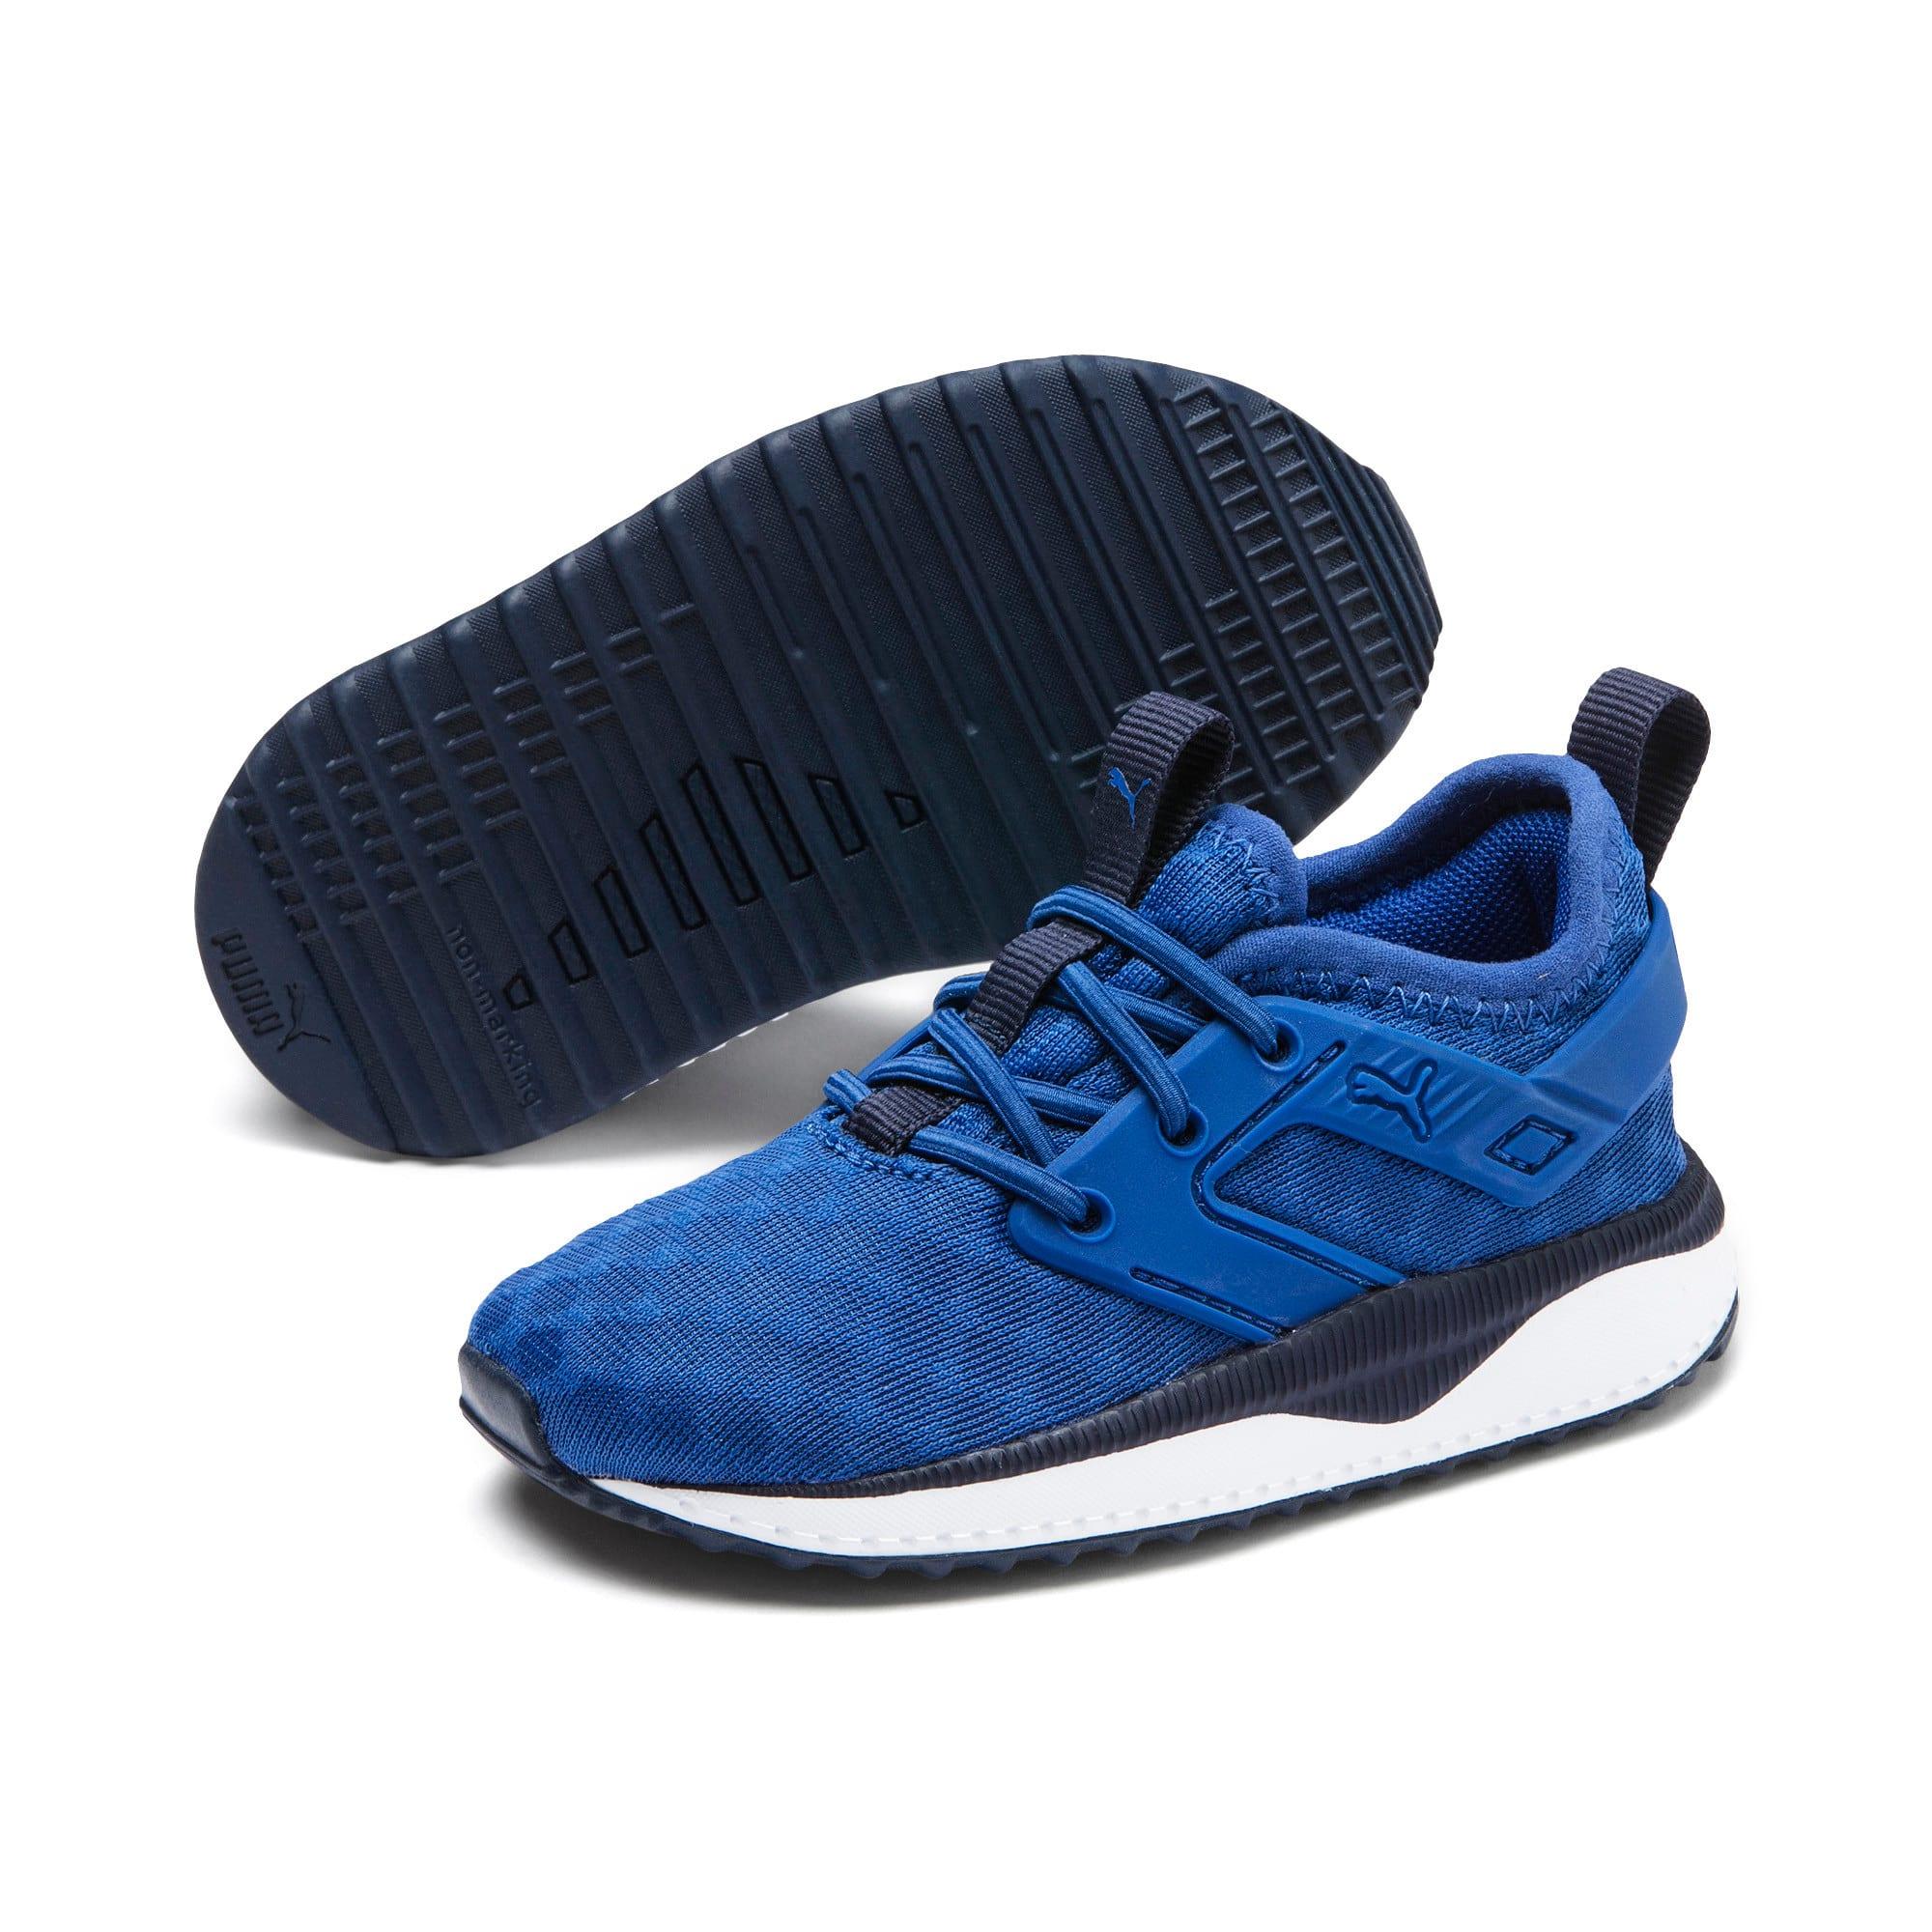 Miniatura 2 de Zapatos Pacer NextExcel para bebé, Galaxy Blue-Peacoat, mediano